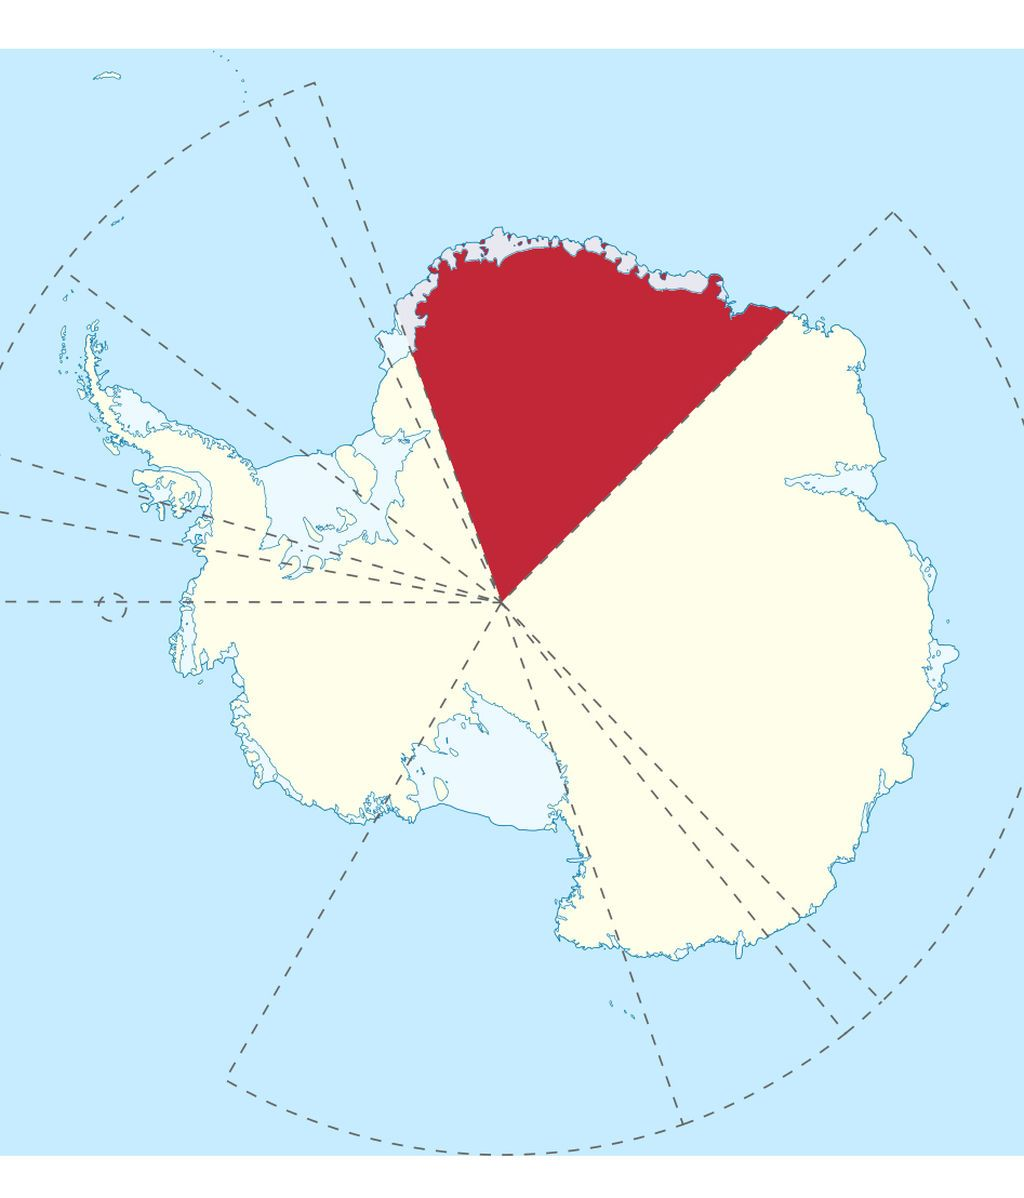 Queen_Maud_Land_in_Antarctica